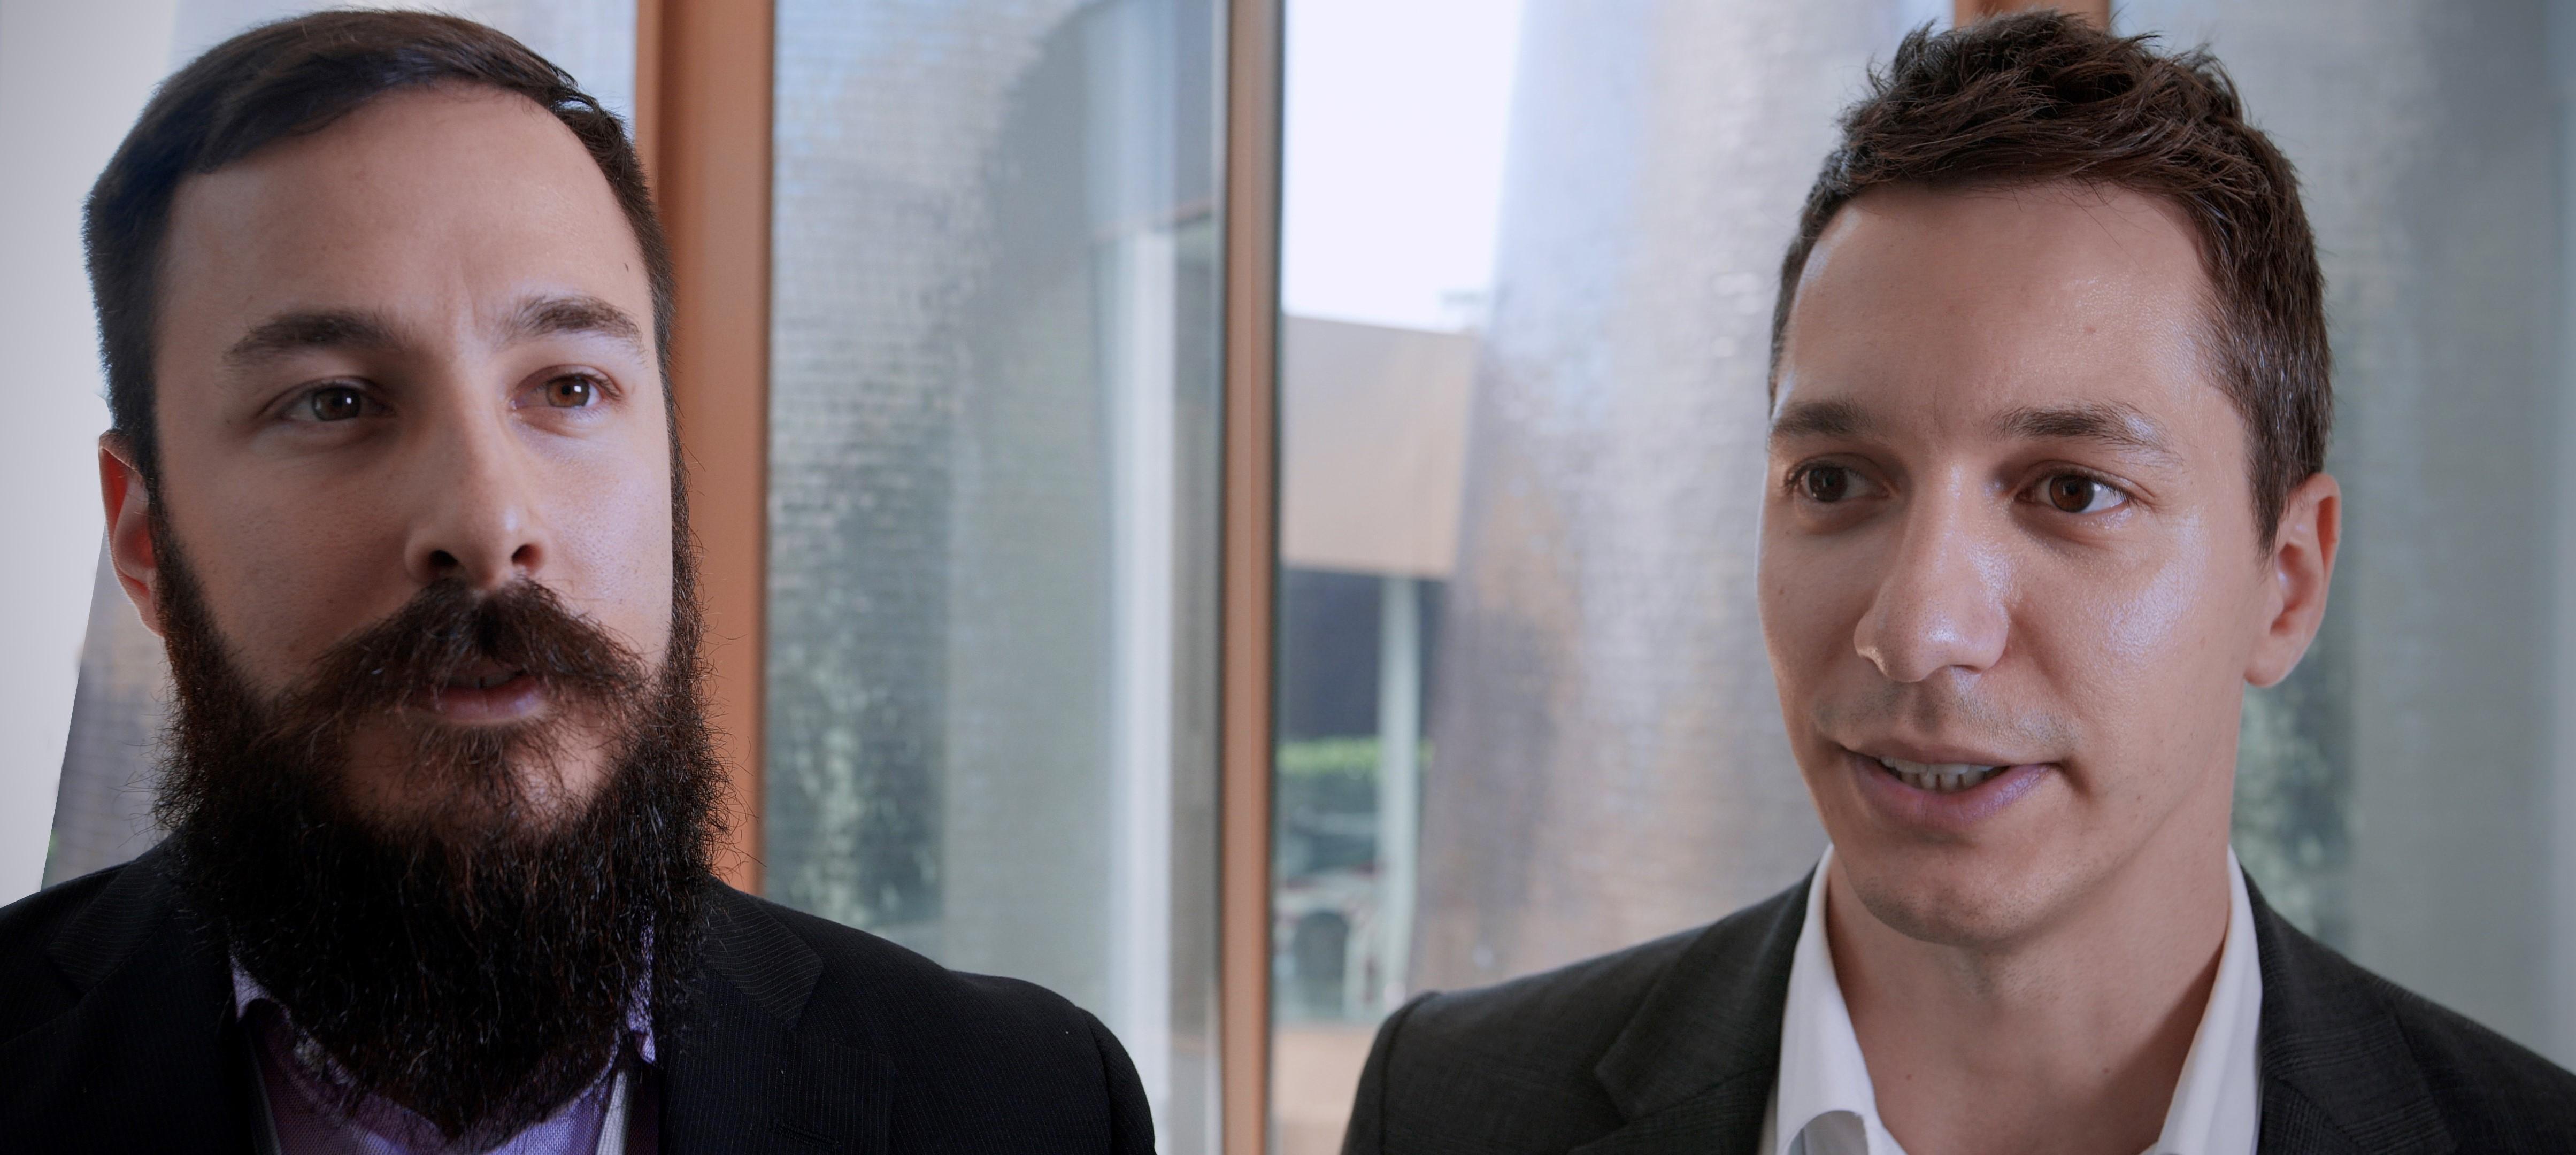 Michele Antolotti and Massimo Bercella